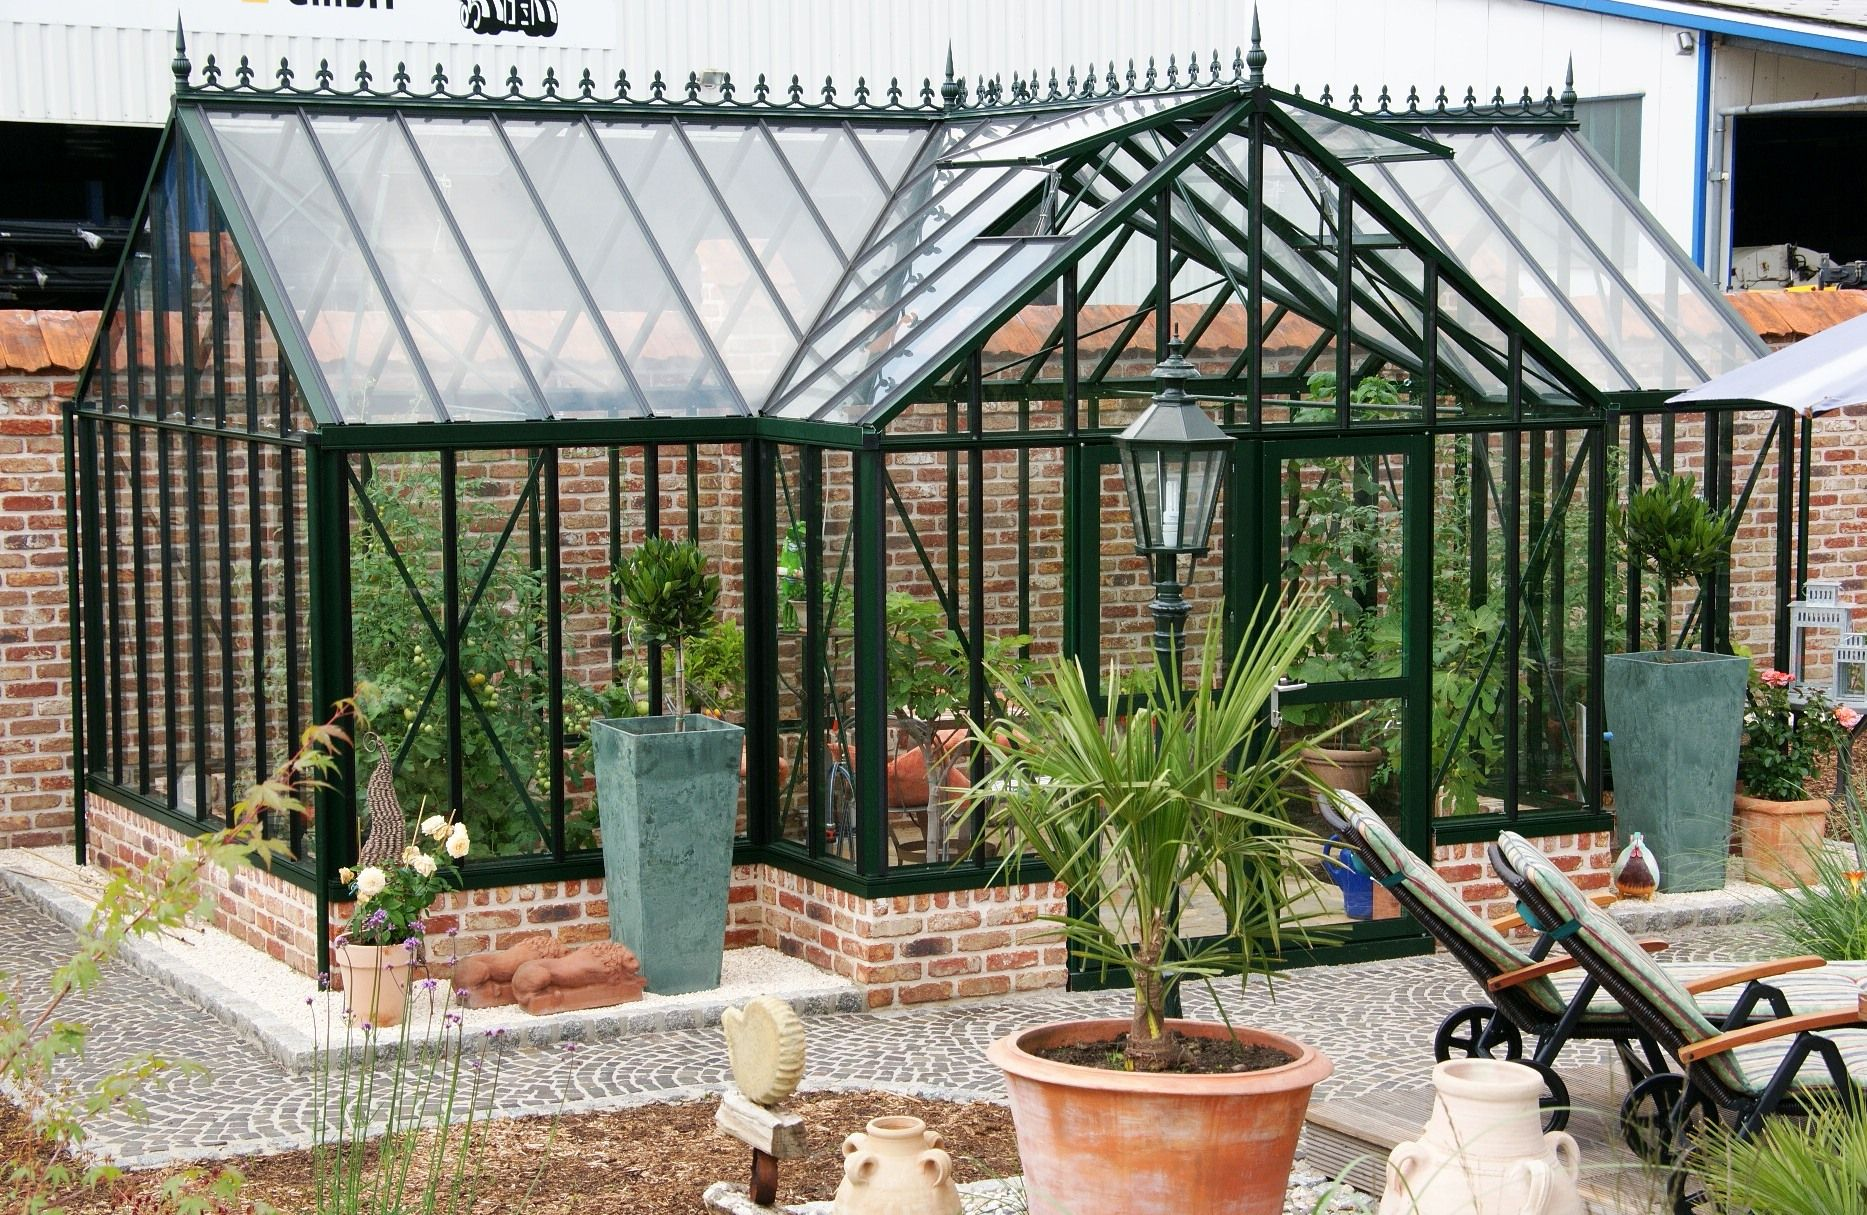 Gewächshaus Viktorianischer Stil englisches gewächshaus selfkant wolters viktorianischer stil